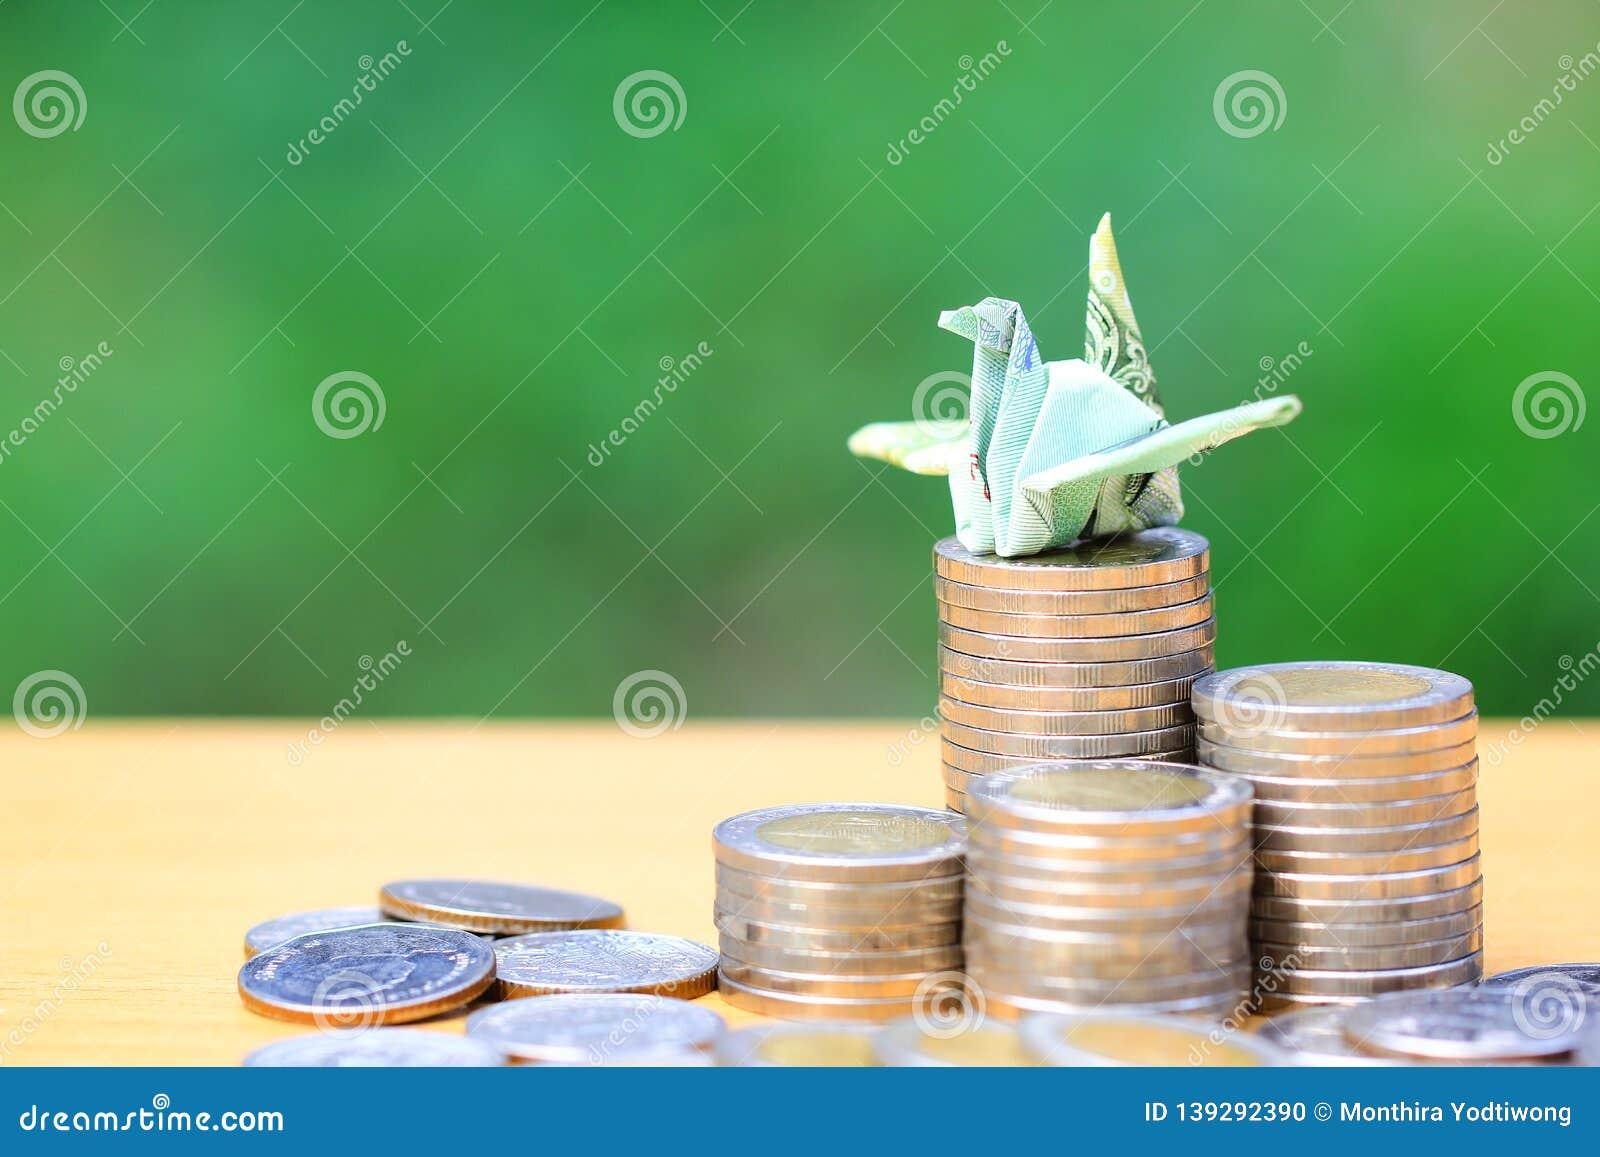 Rettungsgeld, einen Origamivogel thailändische Banknote auf Stapel Münzengeld auf natürlichem grünem Hintergrund machend